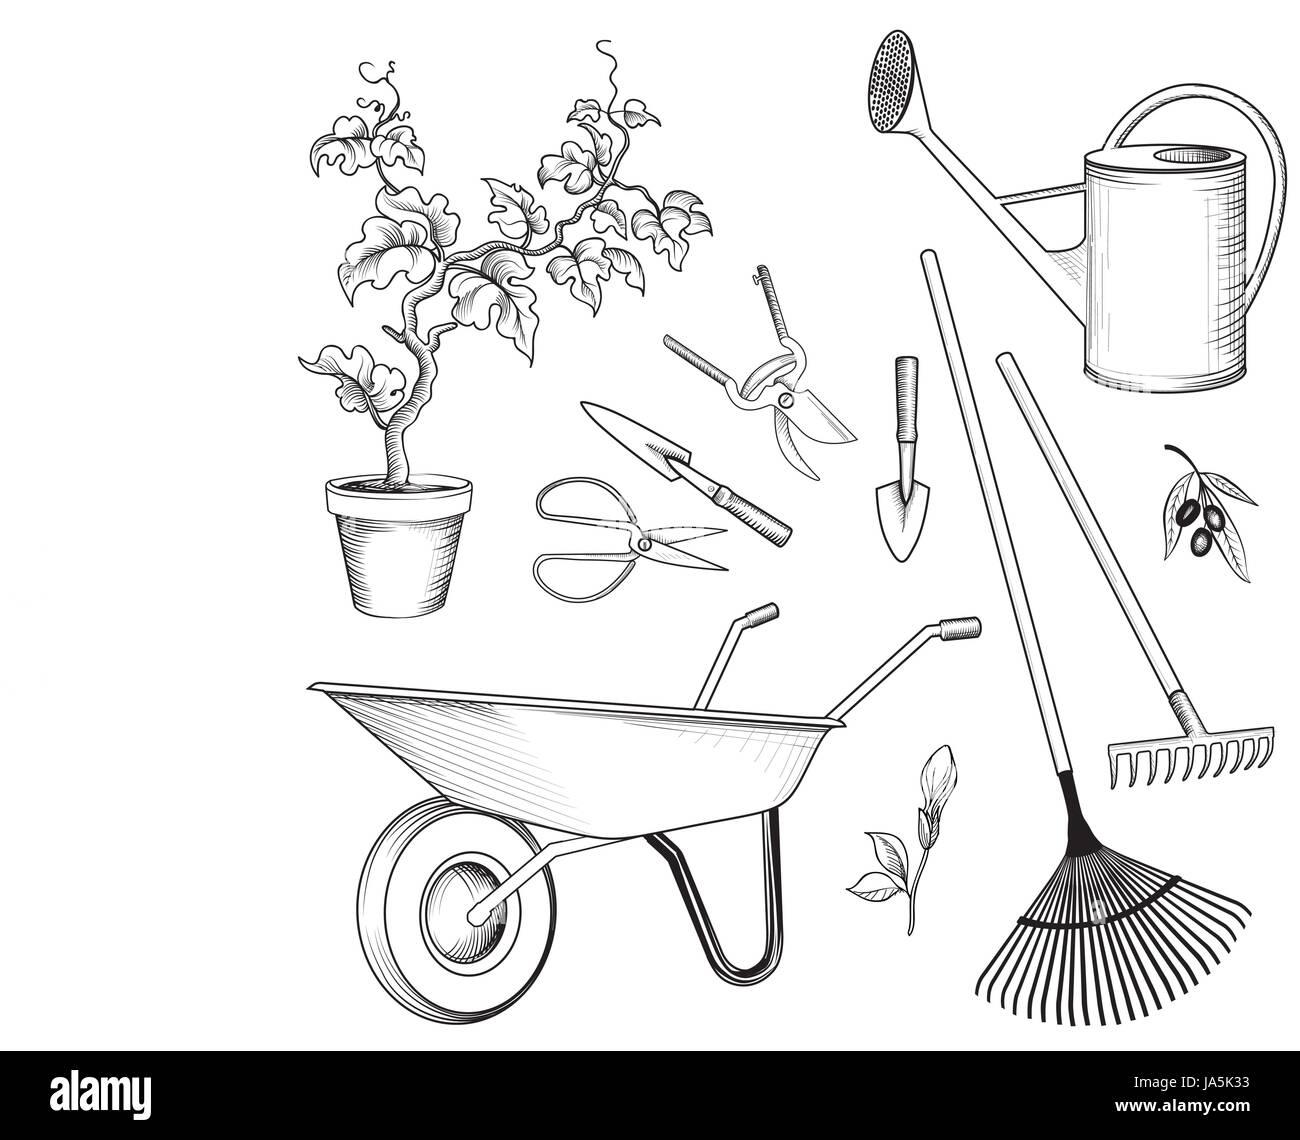 Ensemble de jardin Outils de jardinage, plantes. arrosoir, brouette, pelle, râteau, bêche, panier signes Photo Stock